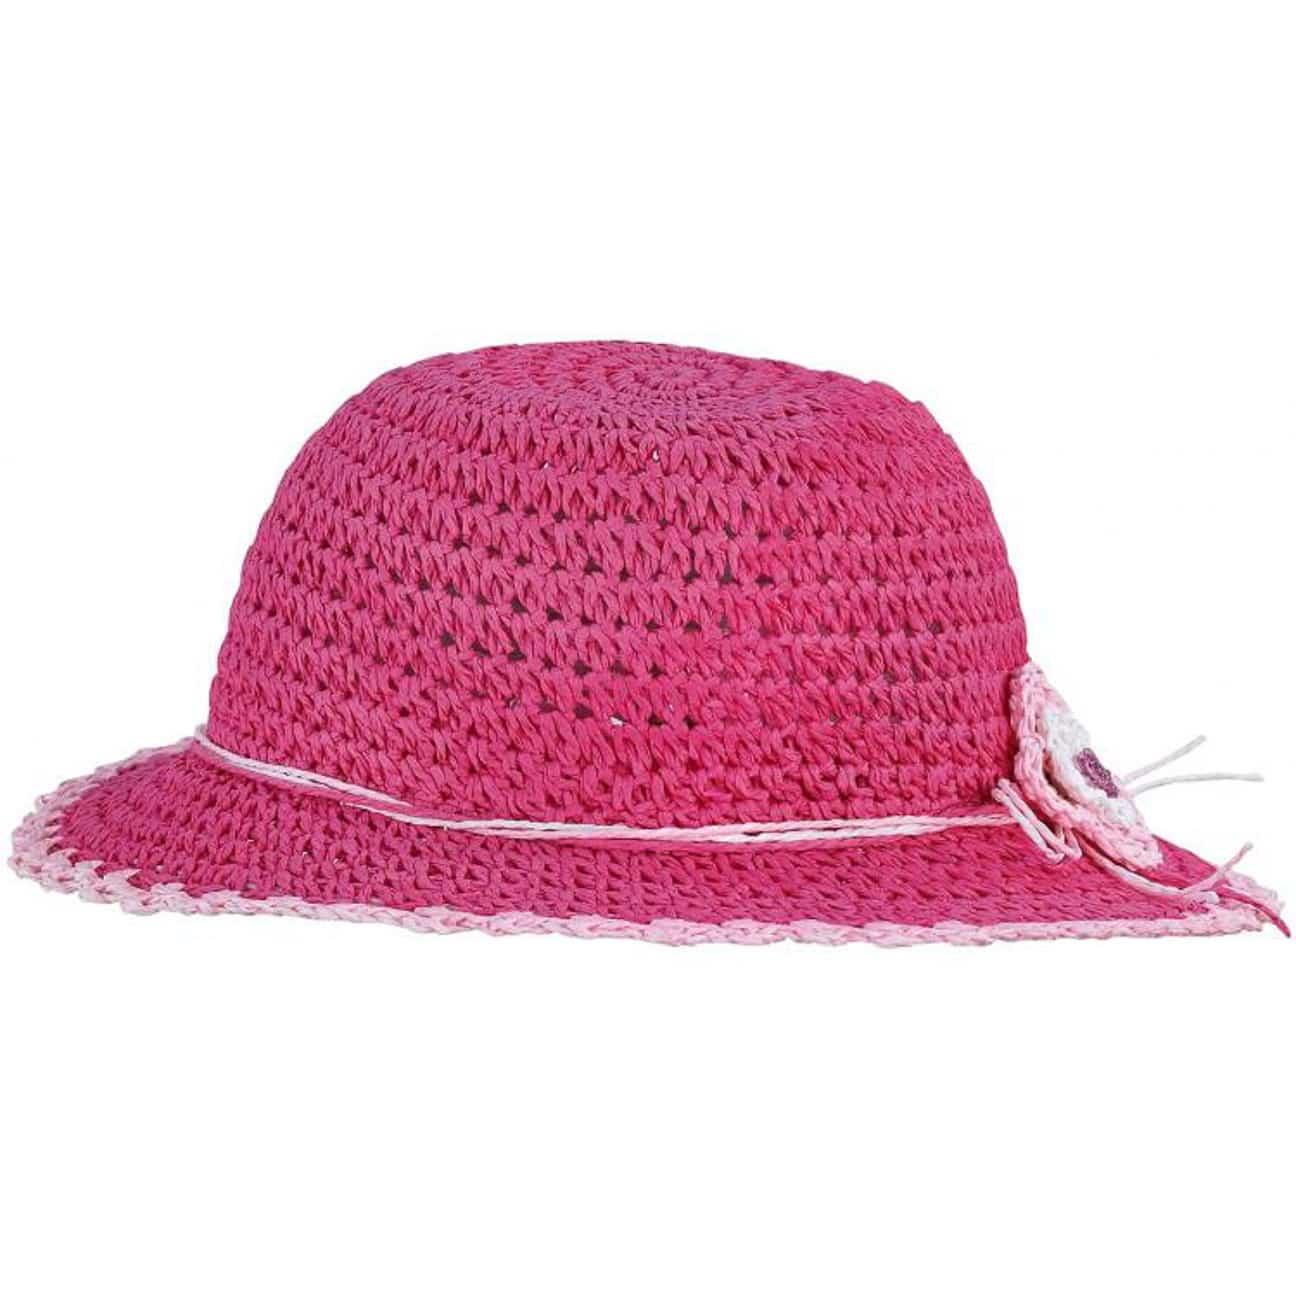 Pinna Cappello da Bambina by Döll - pink 1 726897263984